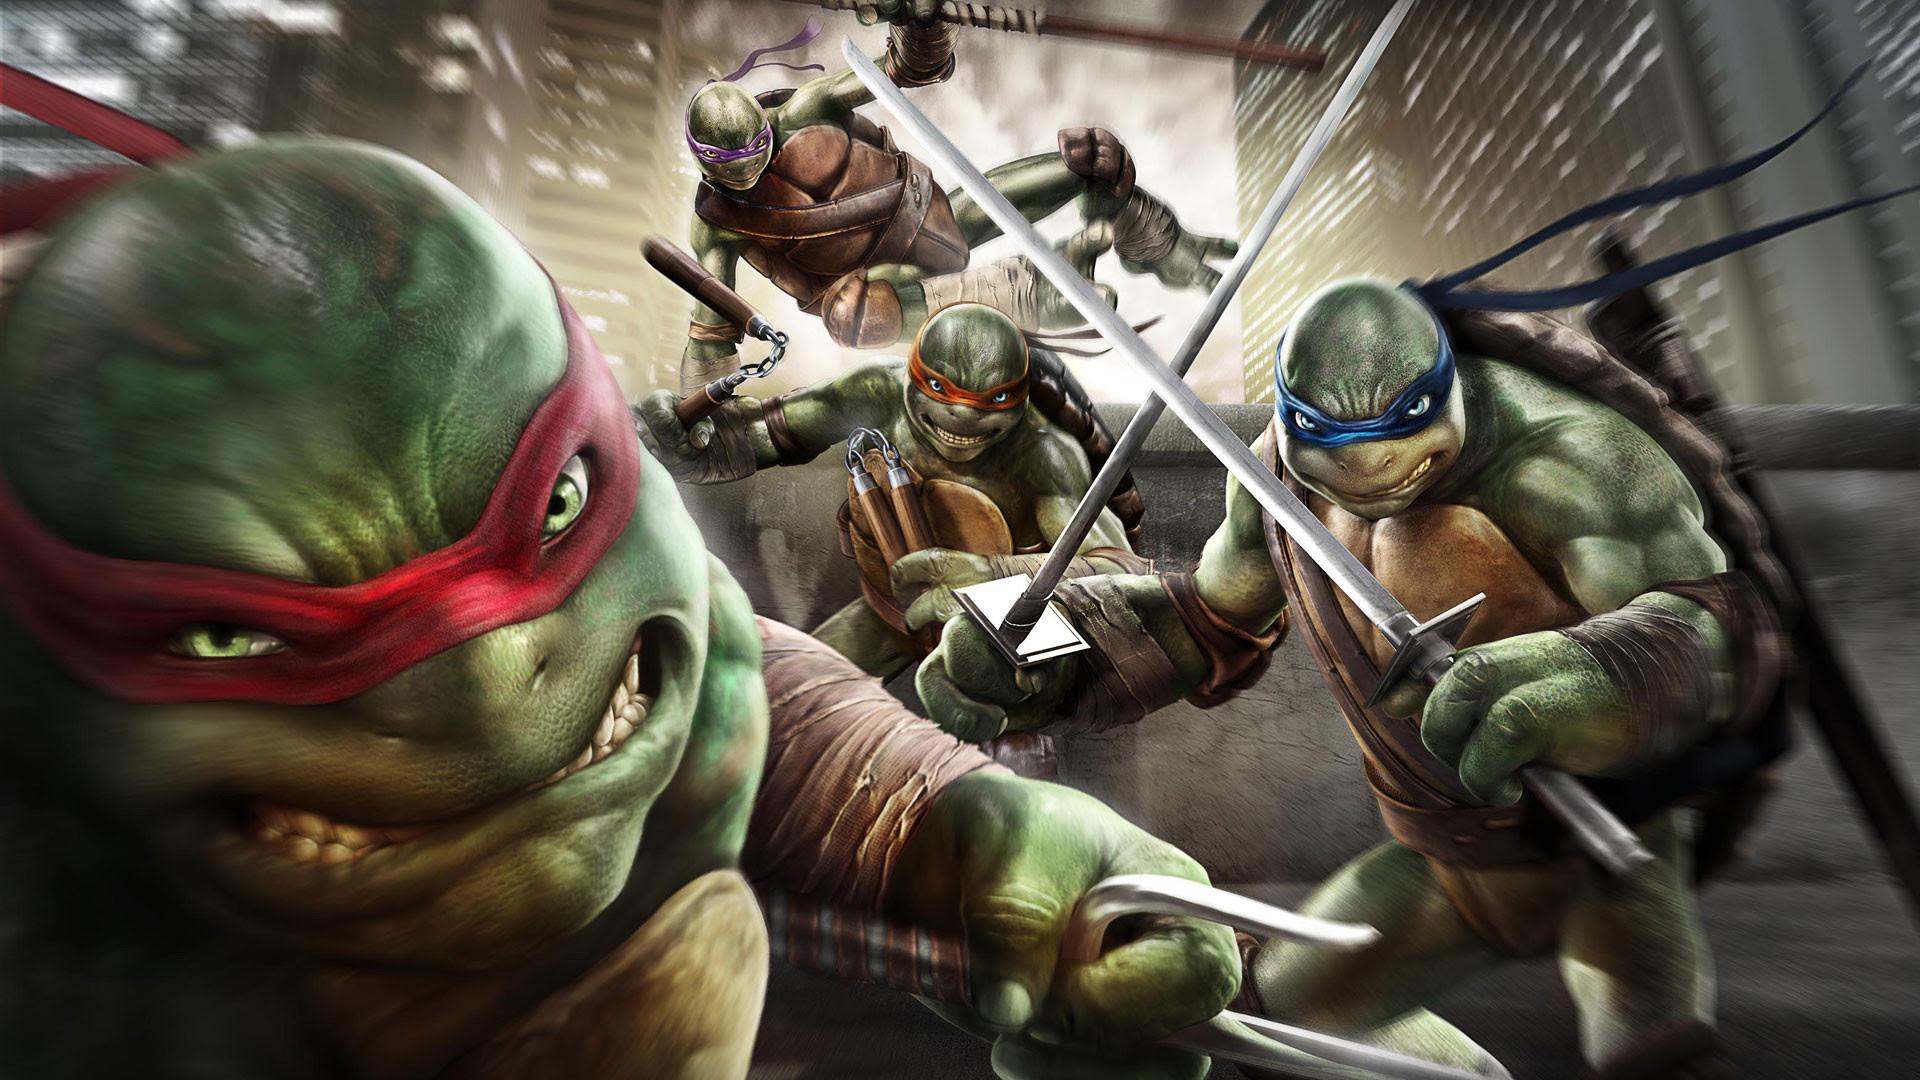 Teenage Mutant Ninja Turtles Wallpapers 66 Images